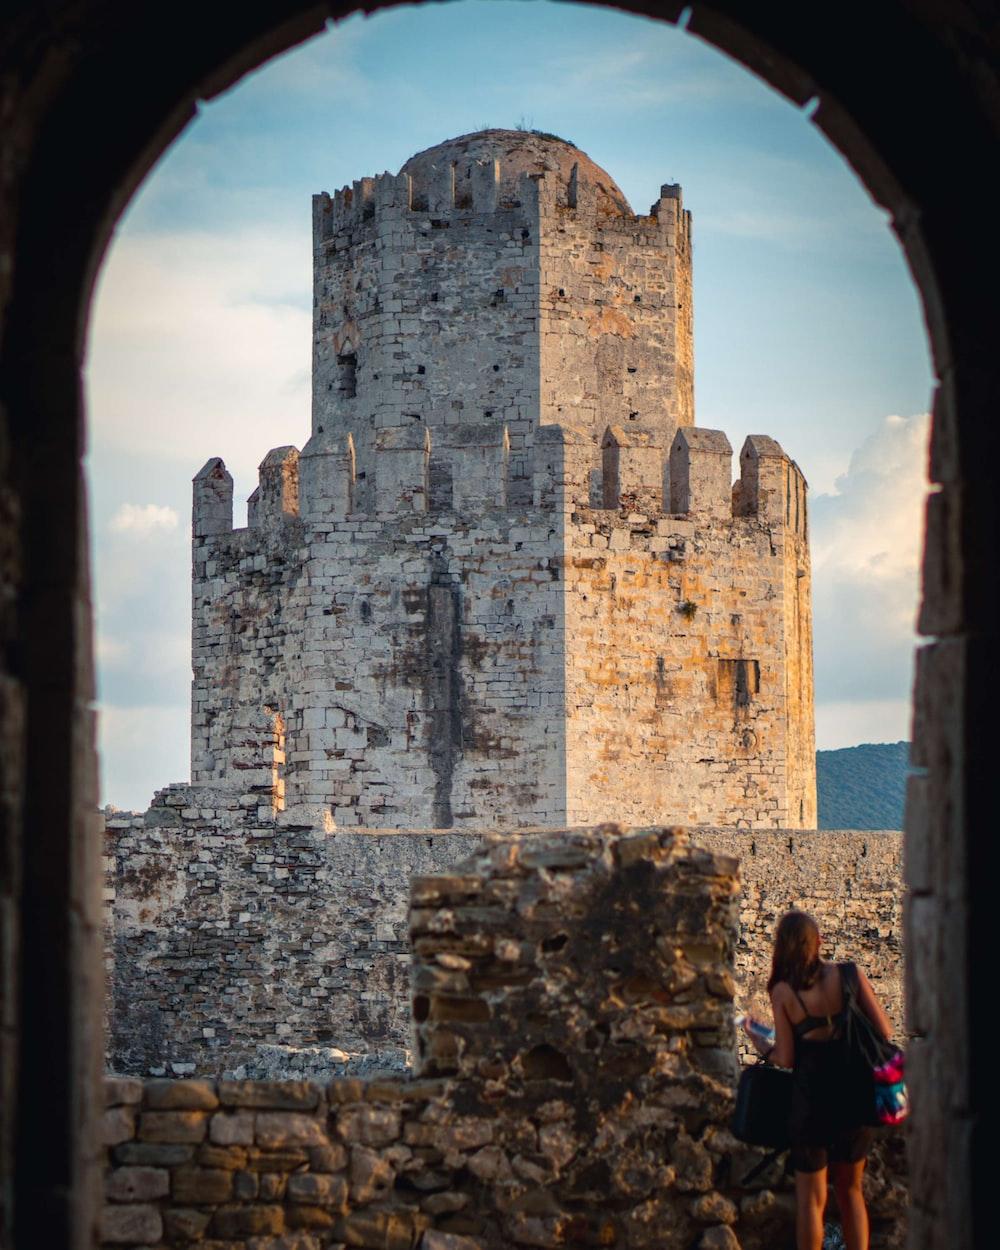 woman standing near castle